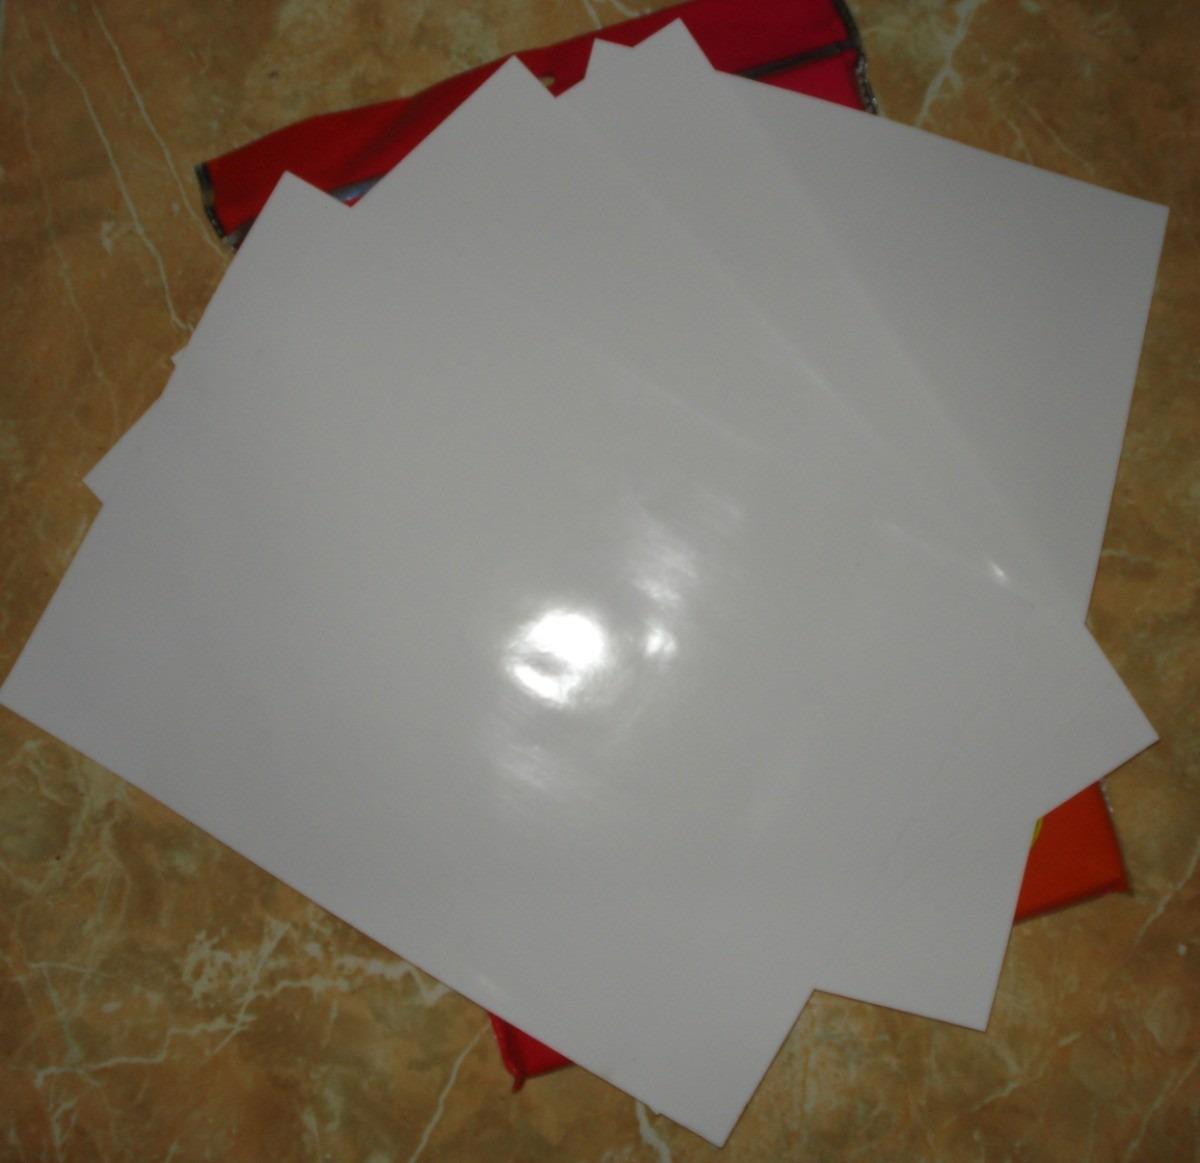 Resma de 100 hojas papel fotogr fico a4 paquete economico for Papel para empapelar precio